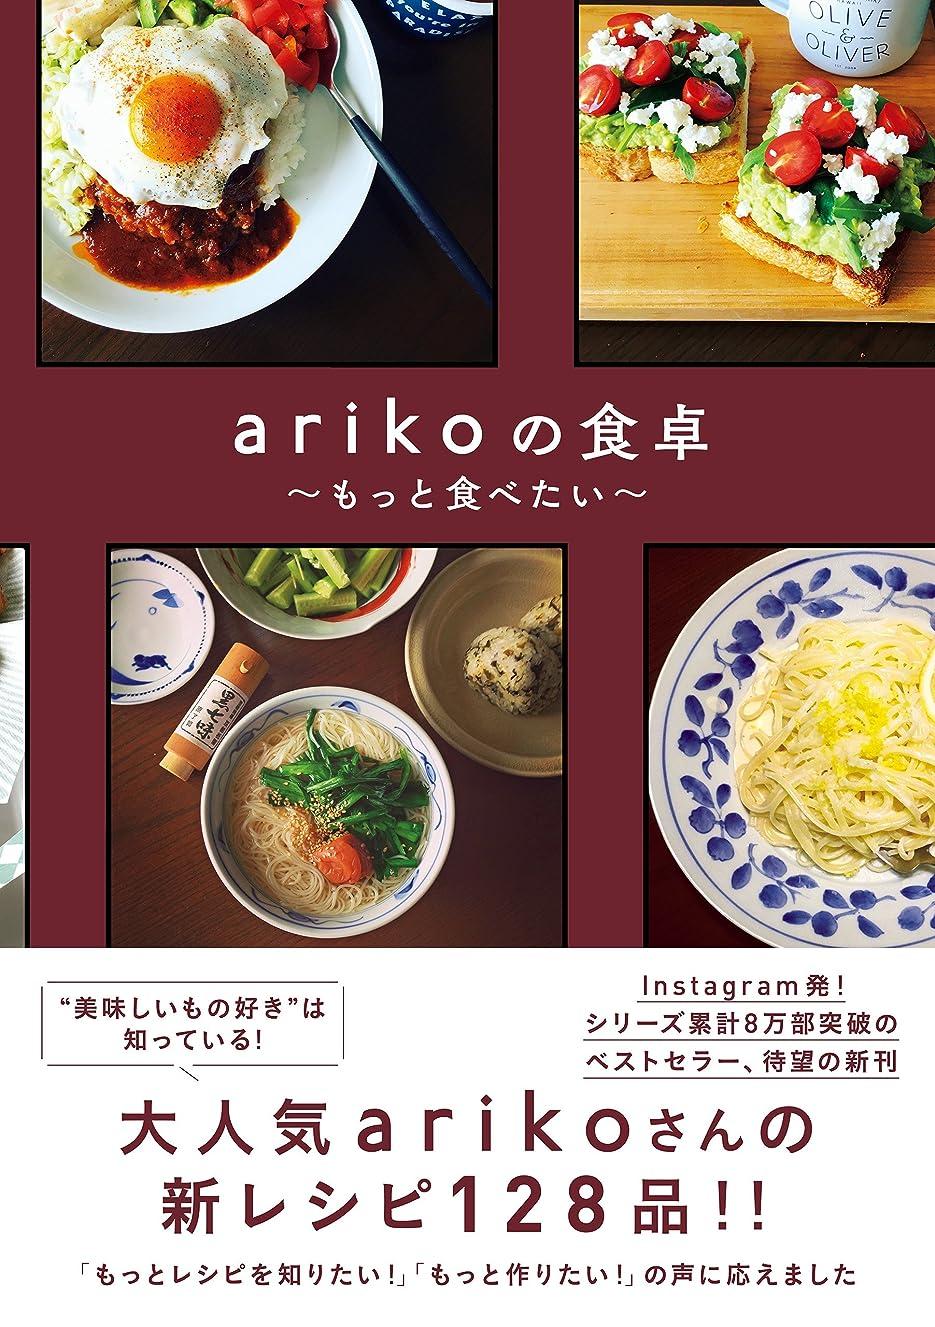 荒野合意偽善者arikoの食卓 - もっと食べたい -